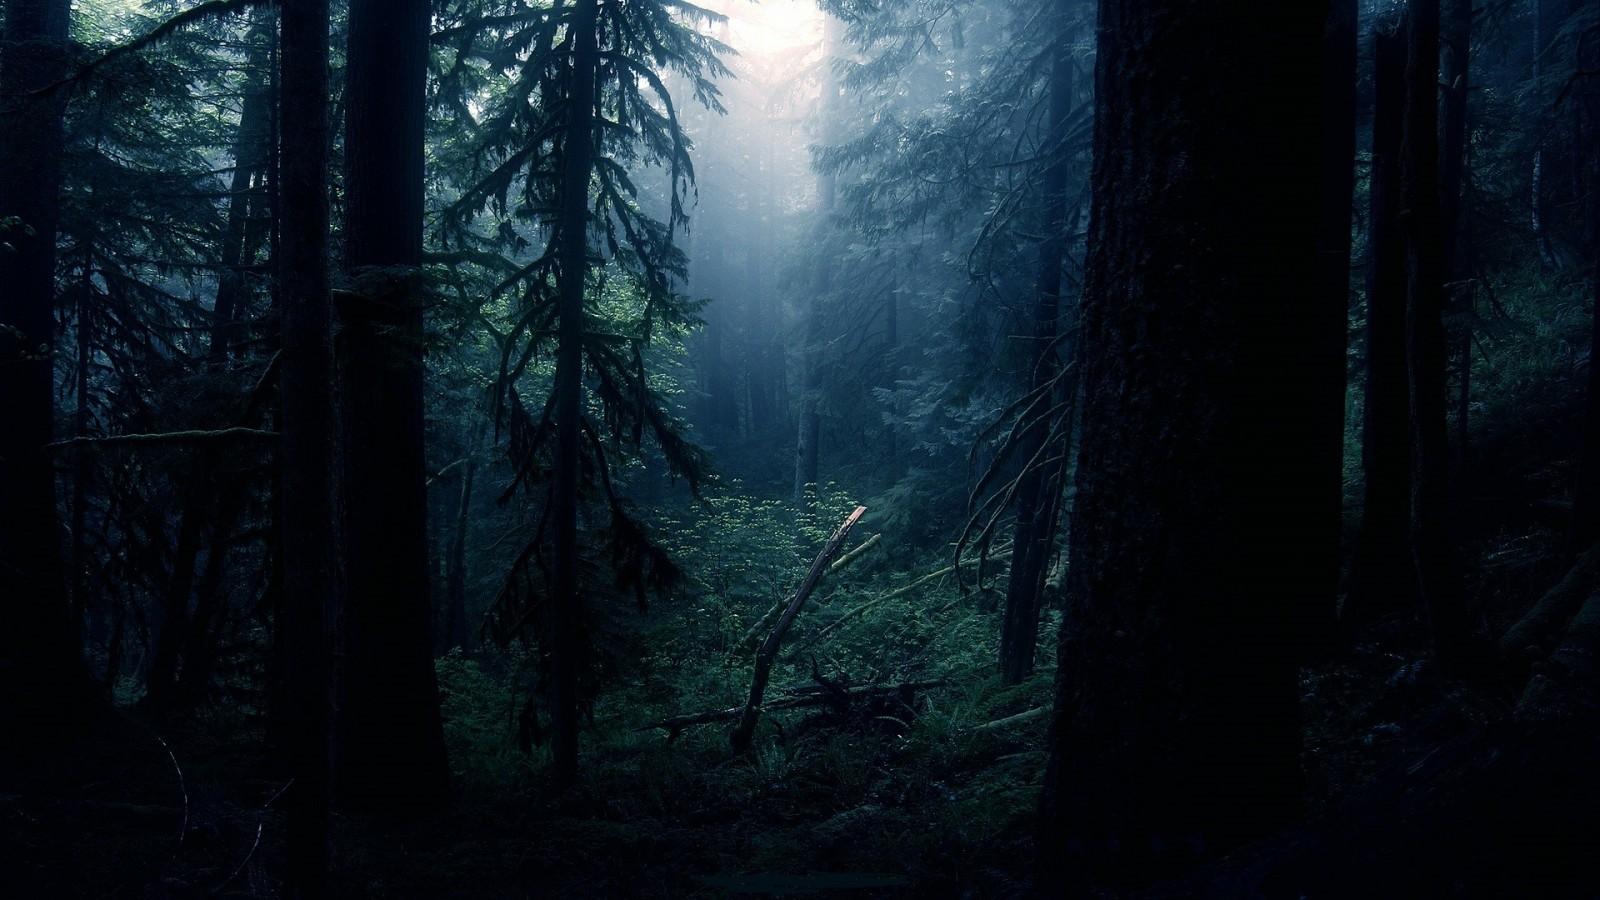 Психотерапия как выход из тёмного леса